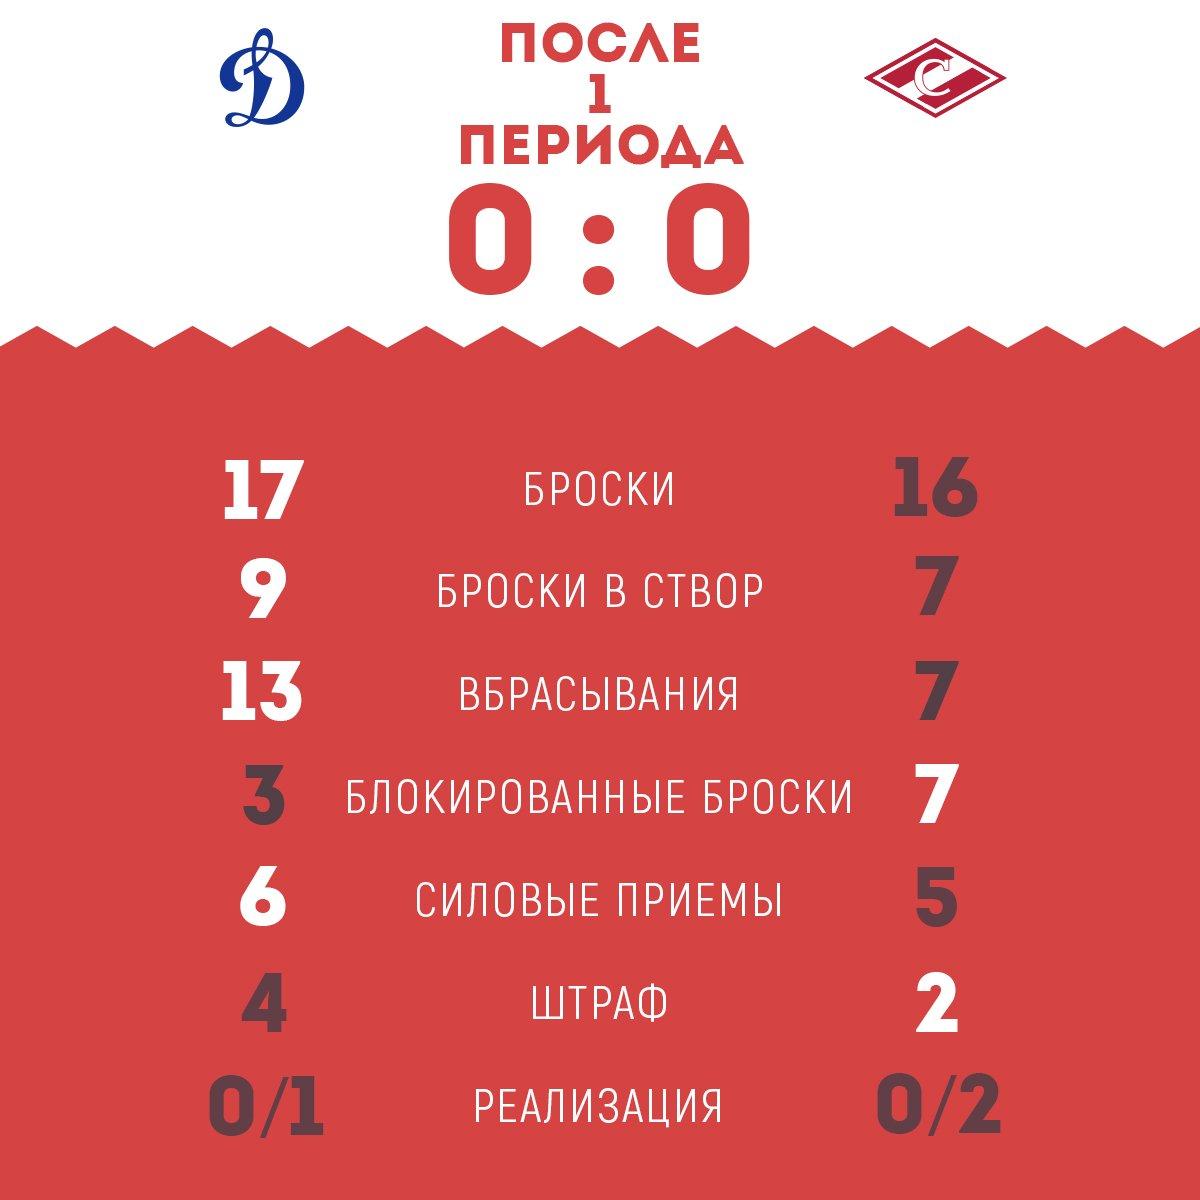 Статистика матча «Динамо» vs «Спартак» после 1-го периода